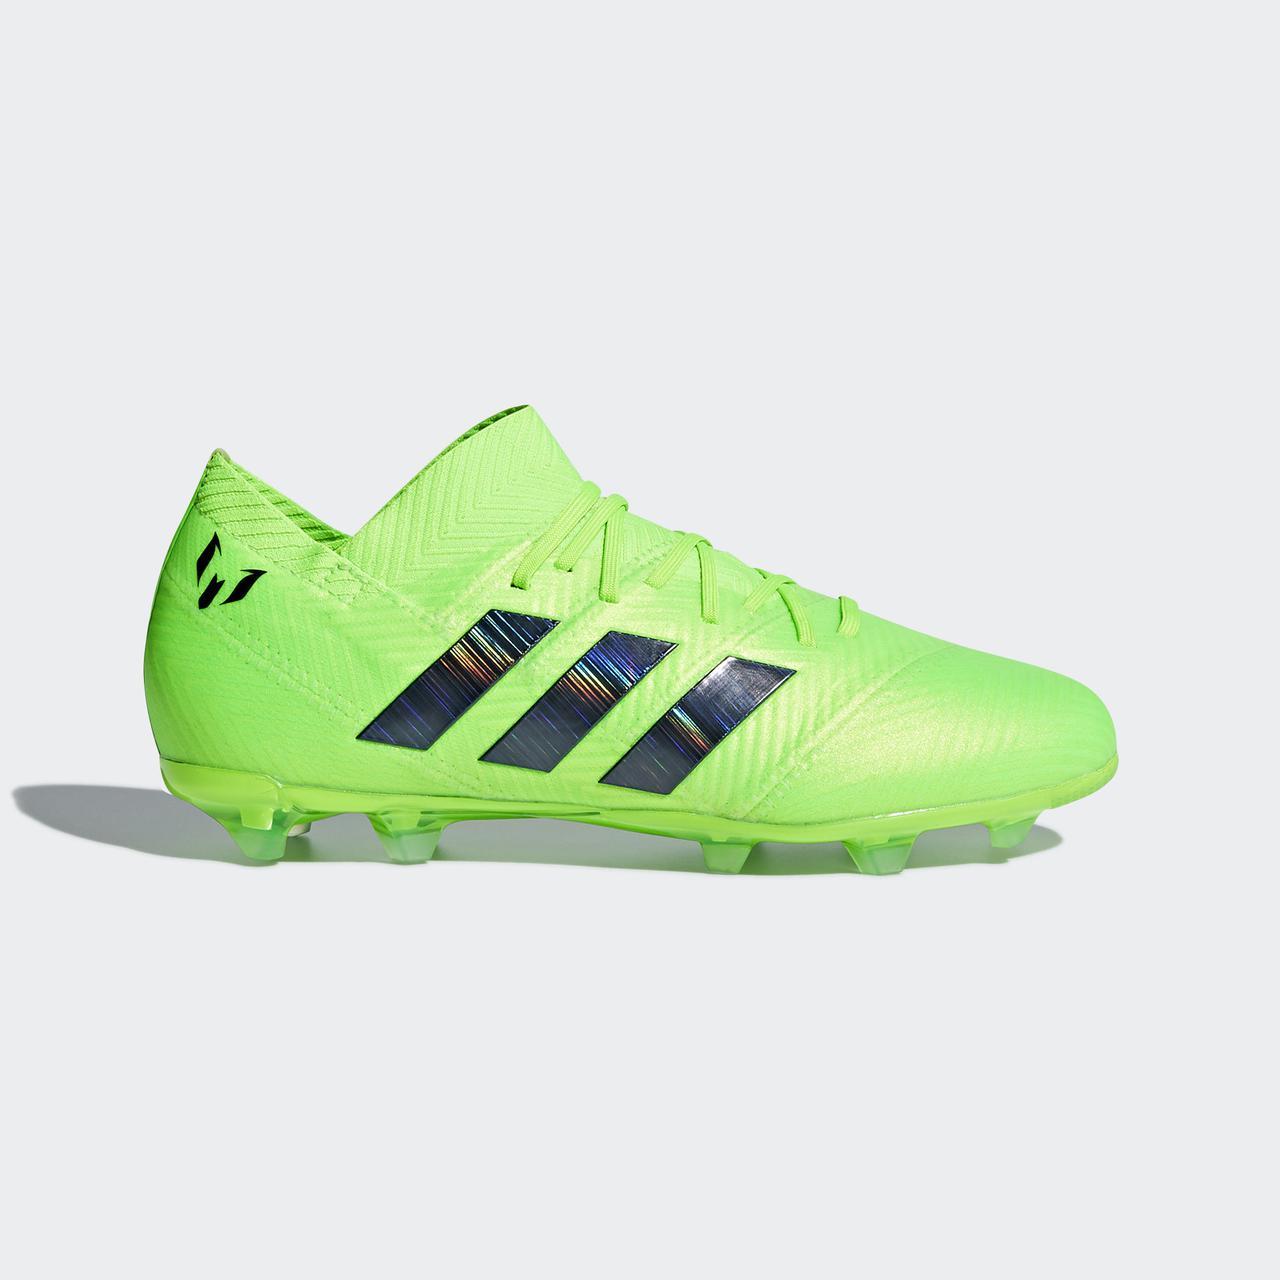 b6226717 Детские футбольные бутсы Adidas Performance Nemeziz Messi 18.1 FG (Артикул:  DB2361)